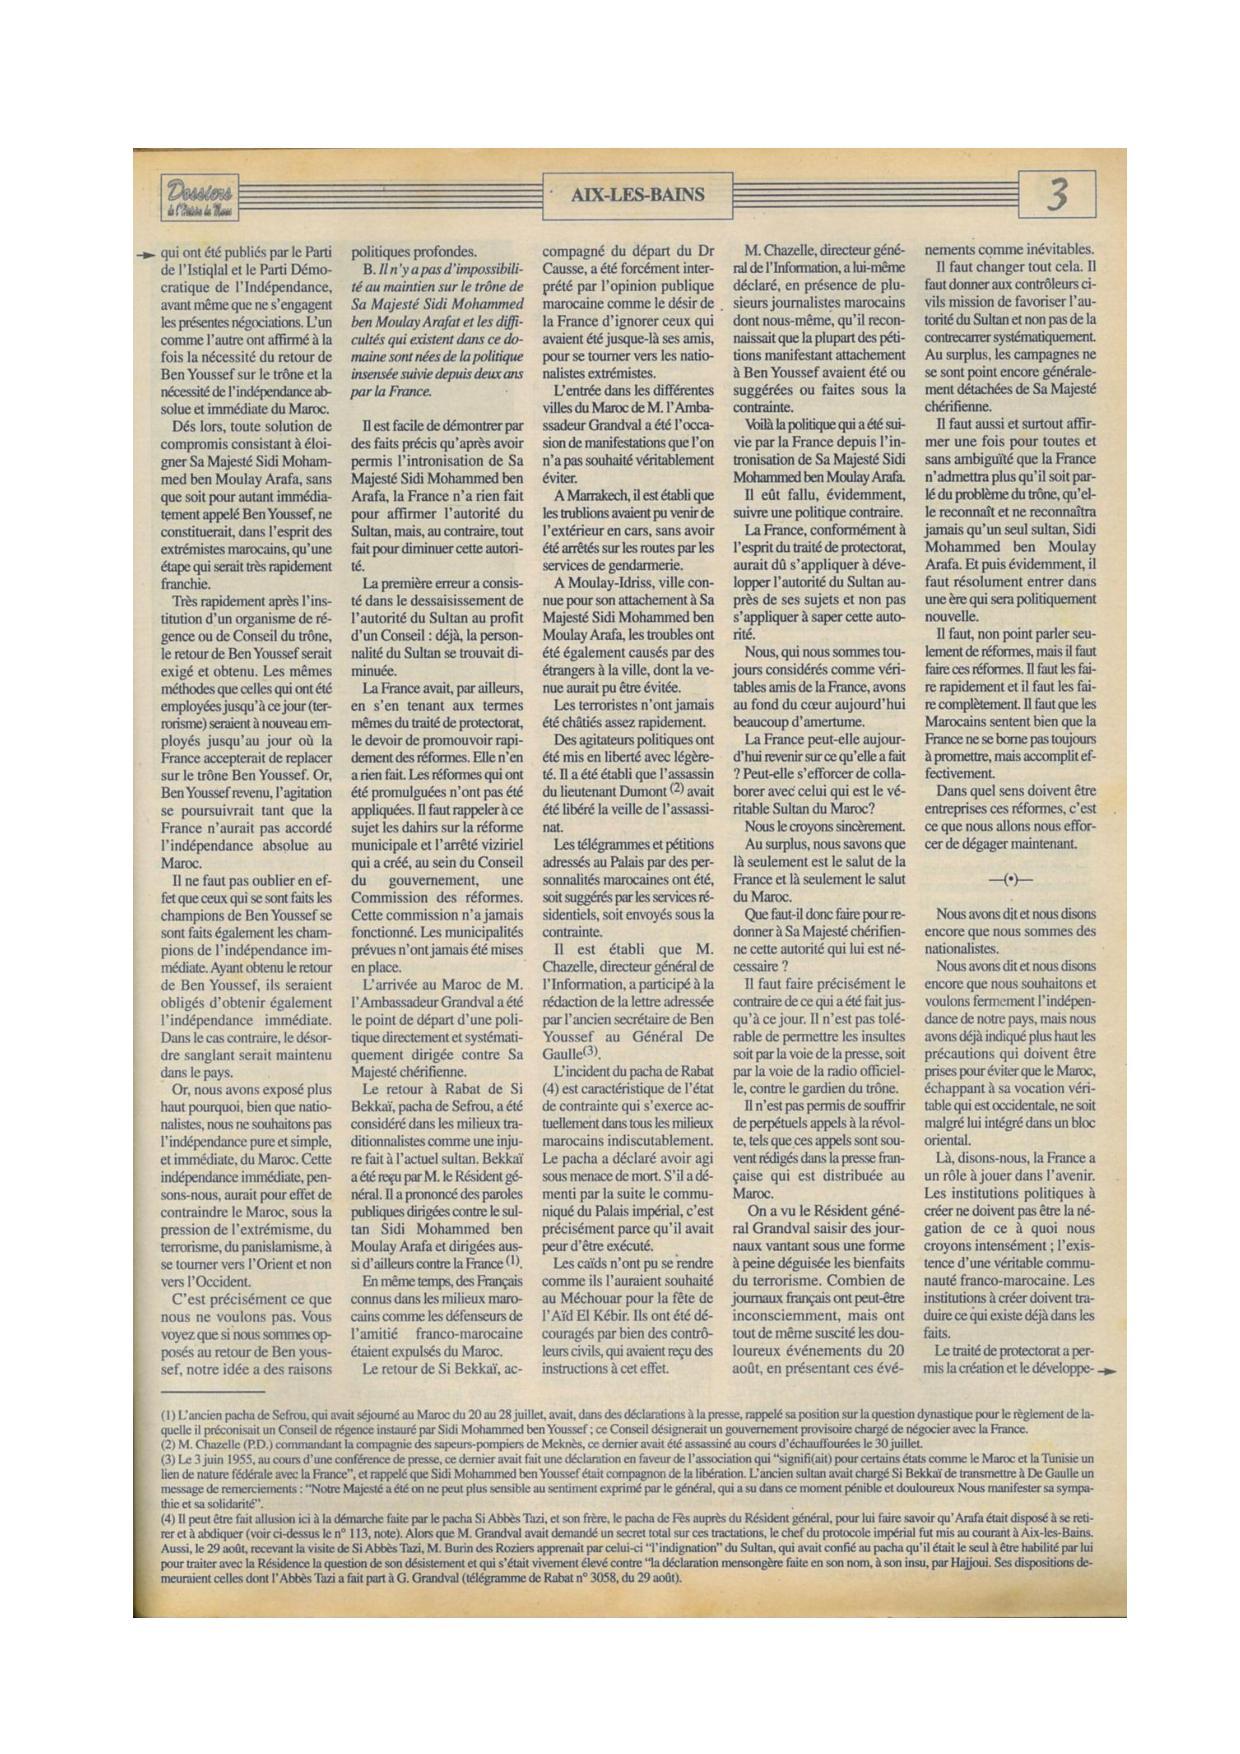 Dossiers de l histoire du Maroc n°01 Juin 1996-page-004.jpg